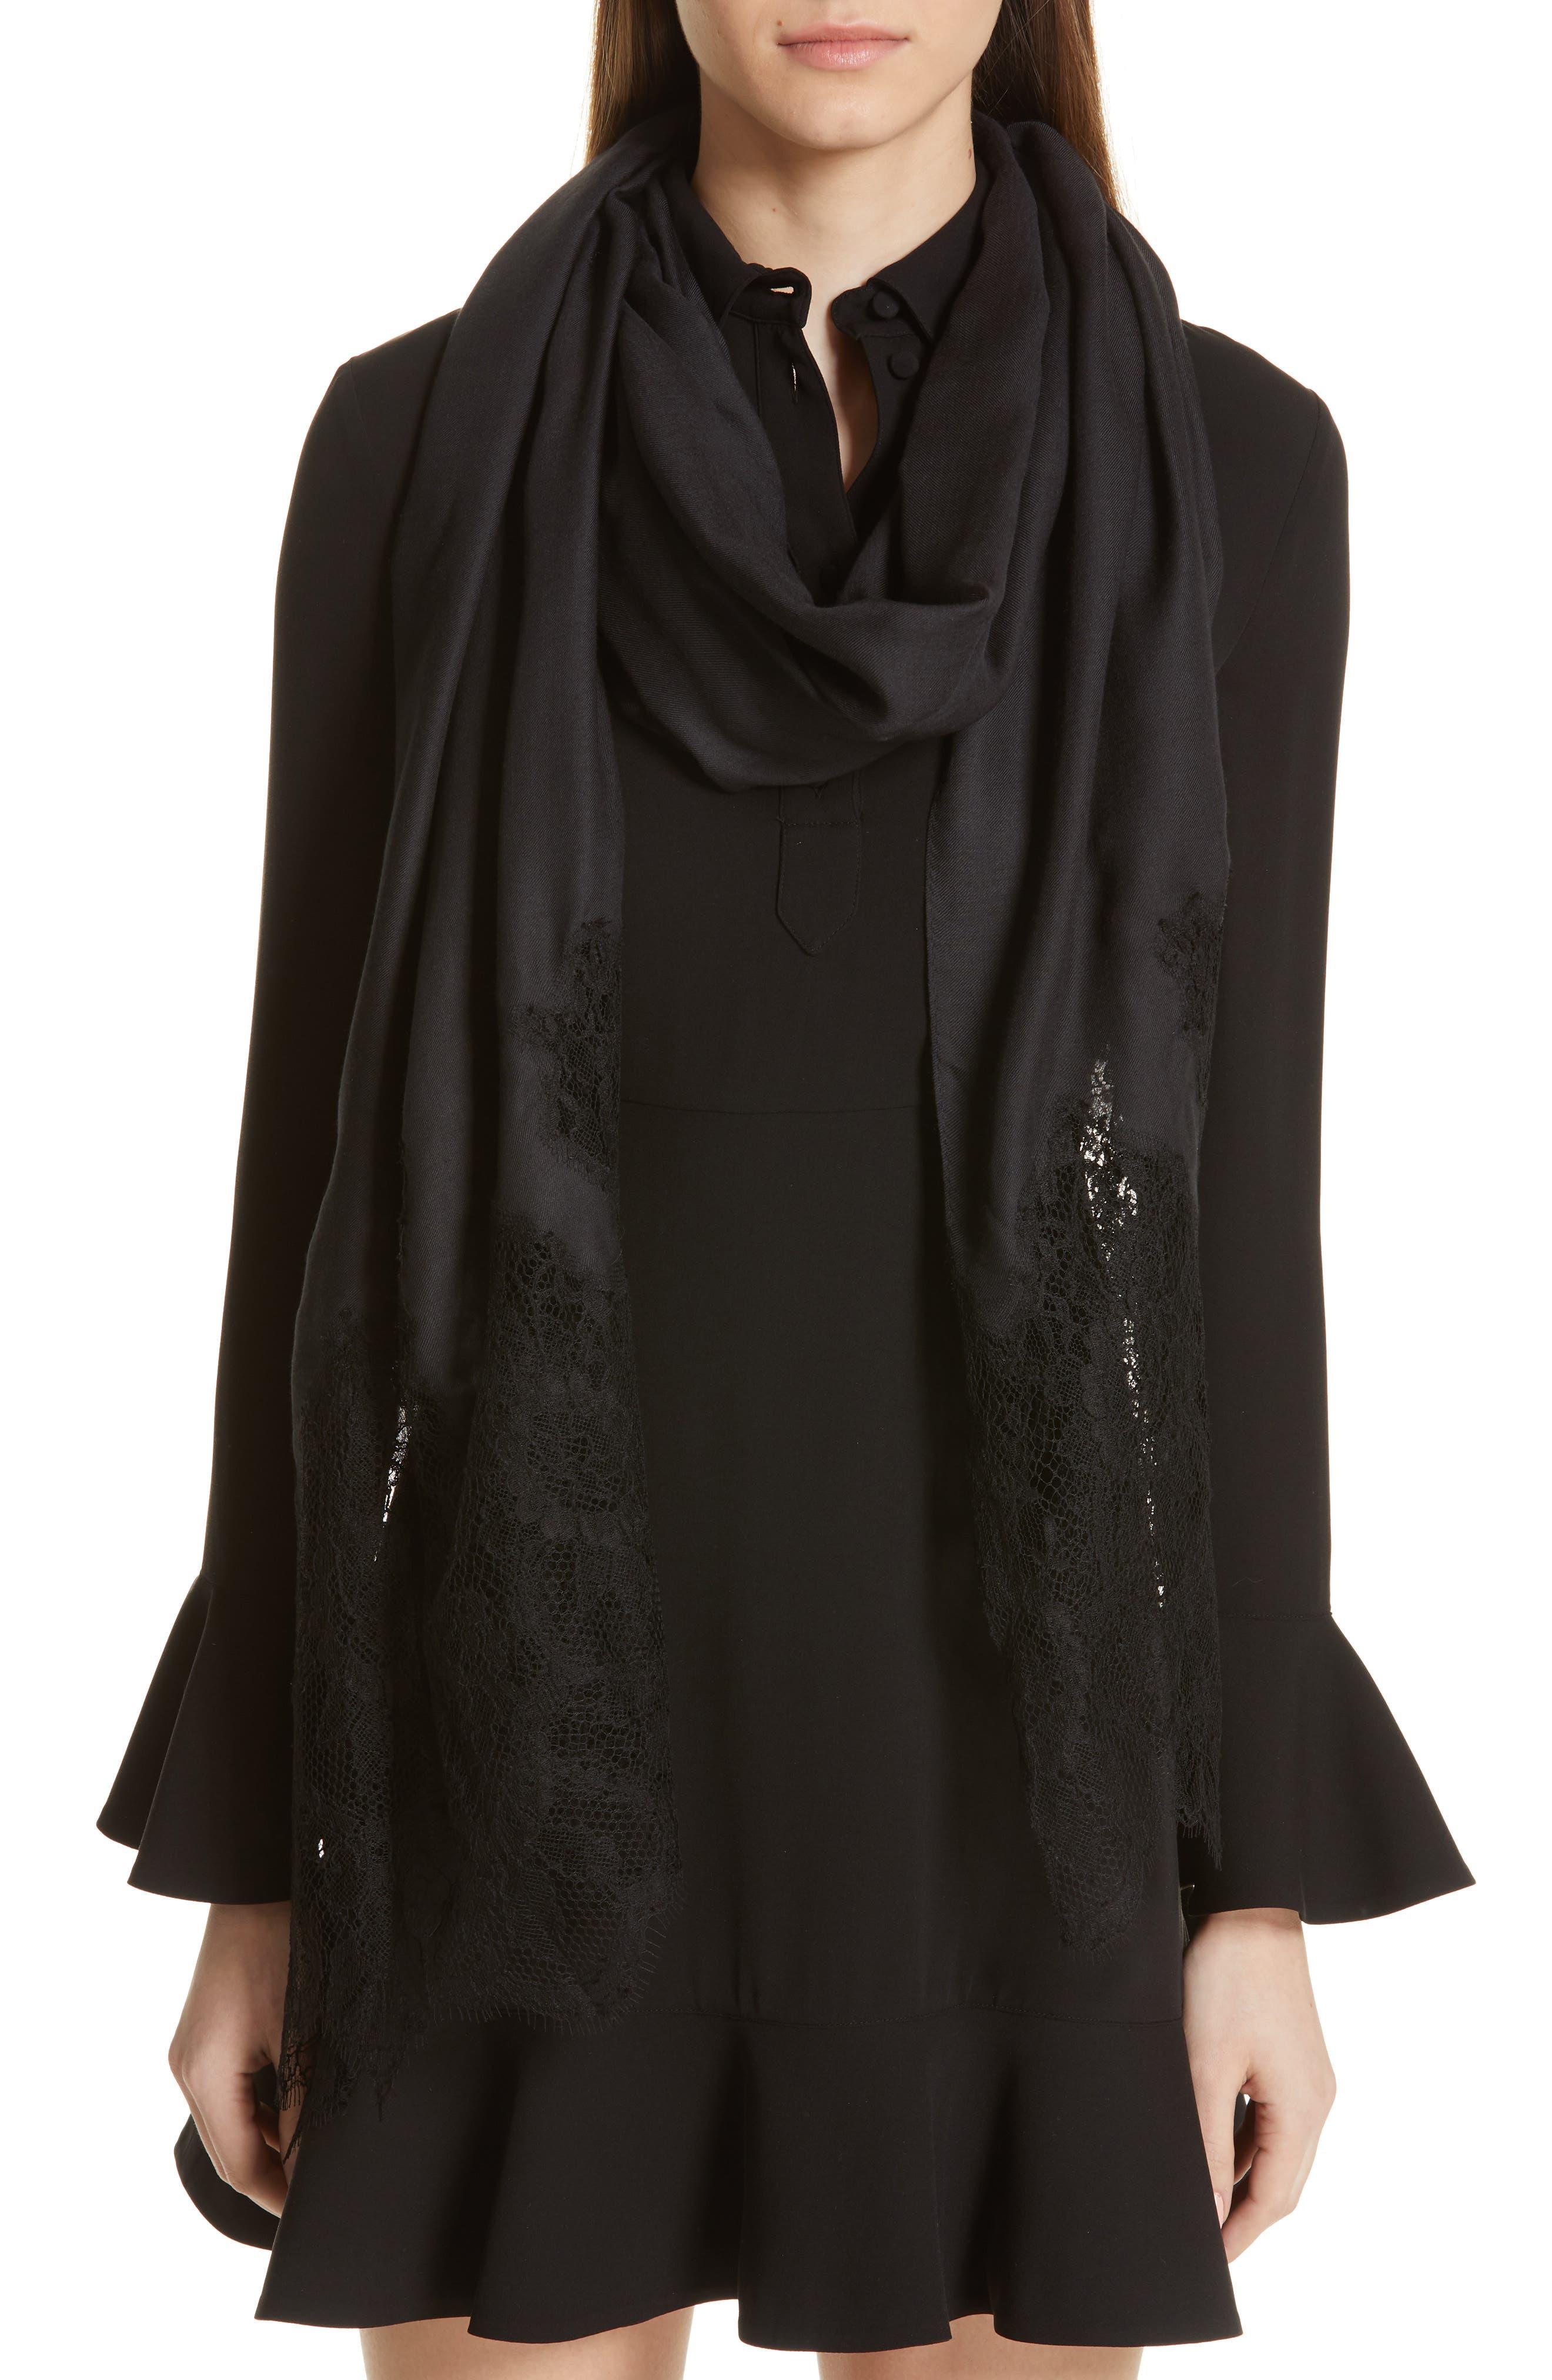 Valentino Lace Trim Modal & Cashmere Scarf In Black